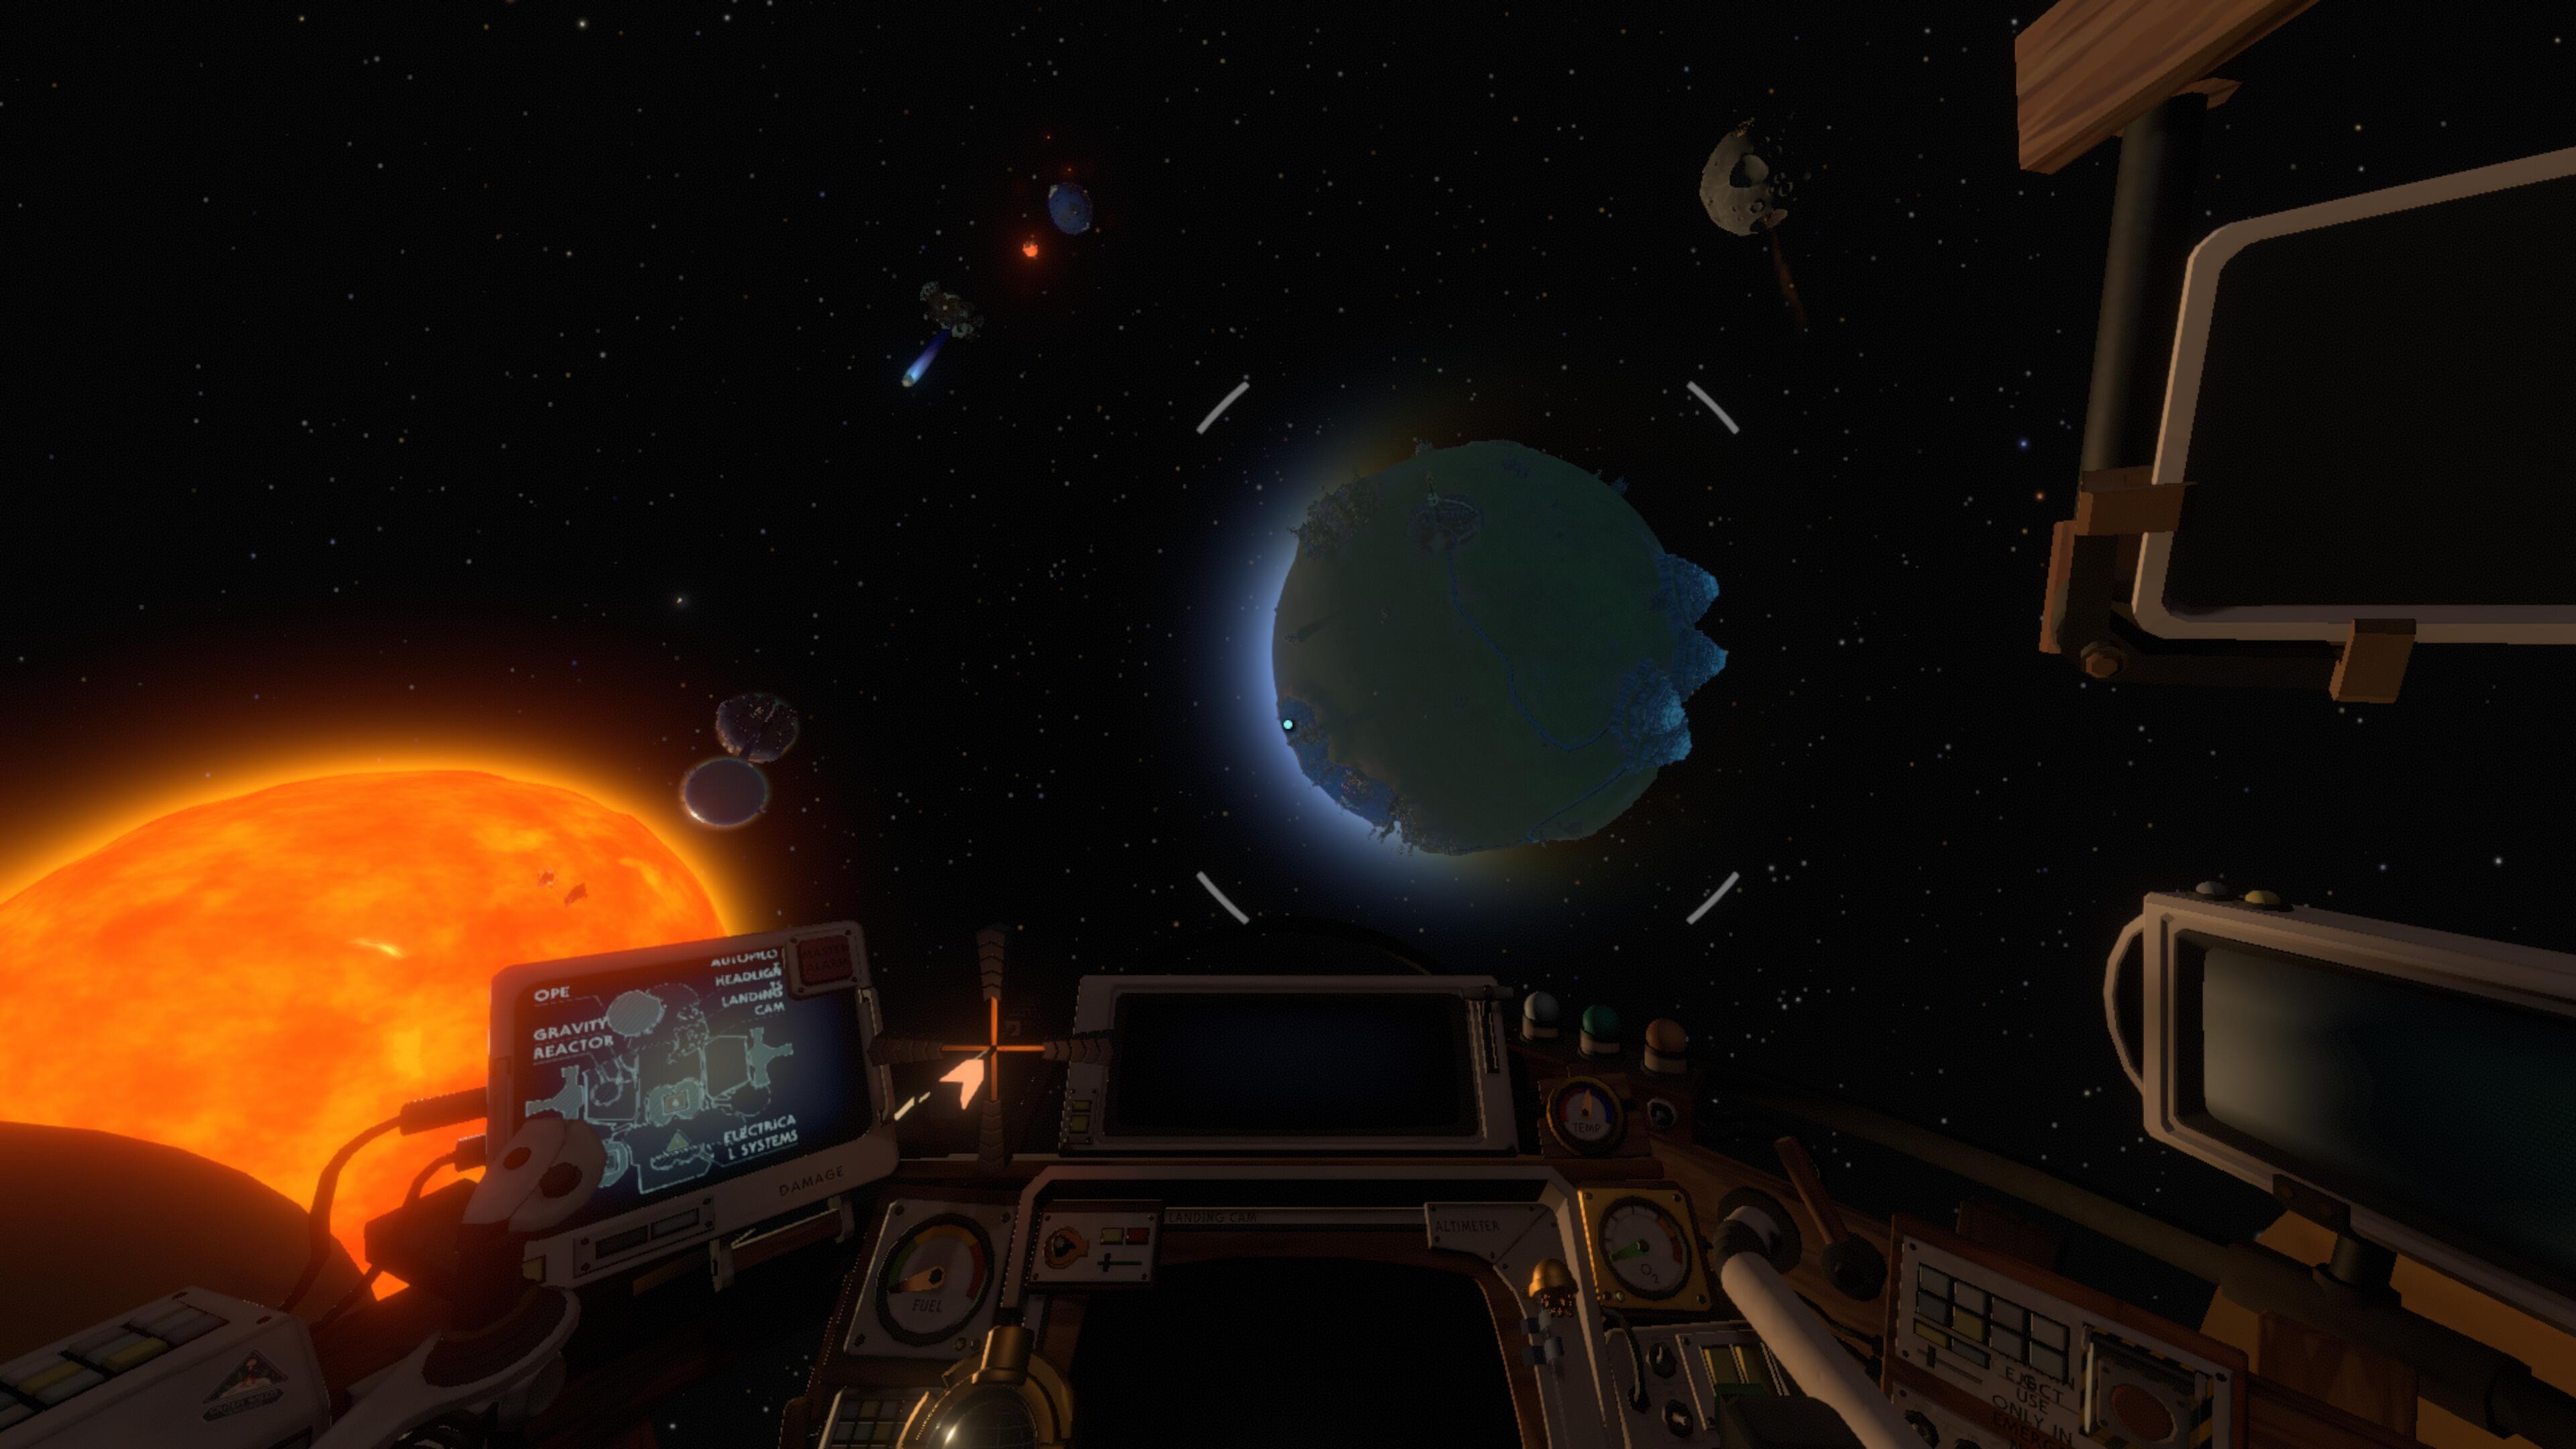 le soleil, ses quelques planètes vu depuis mon cockpit et surtout ma planète natale avec encore ses montagnes visibles